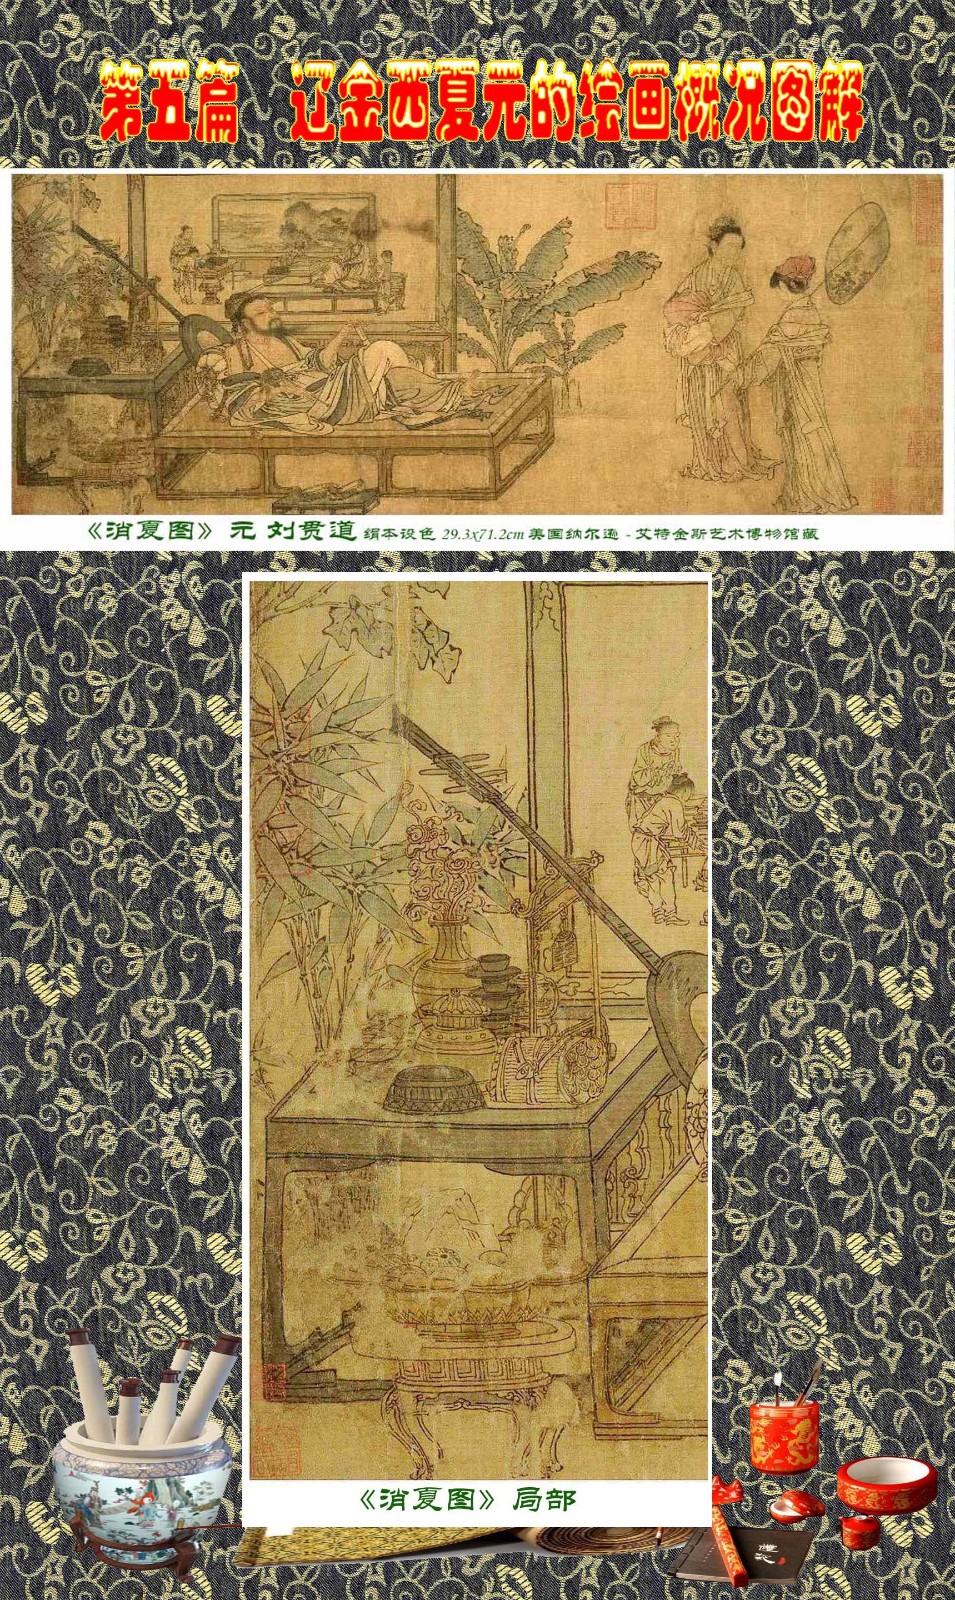 顾绍骅编辑 中国画知识普及版 第五篇 辽金西夏元的绘画概况 下 ... ..._图1-18